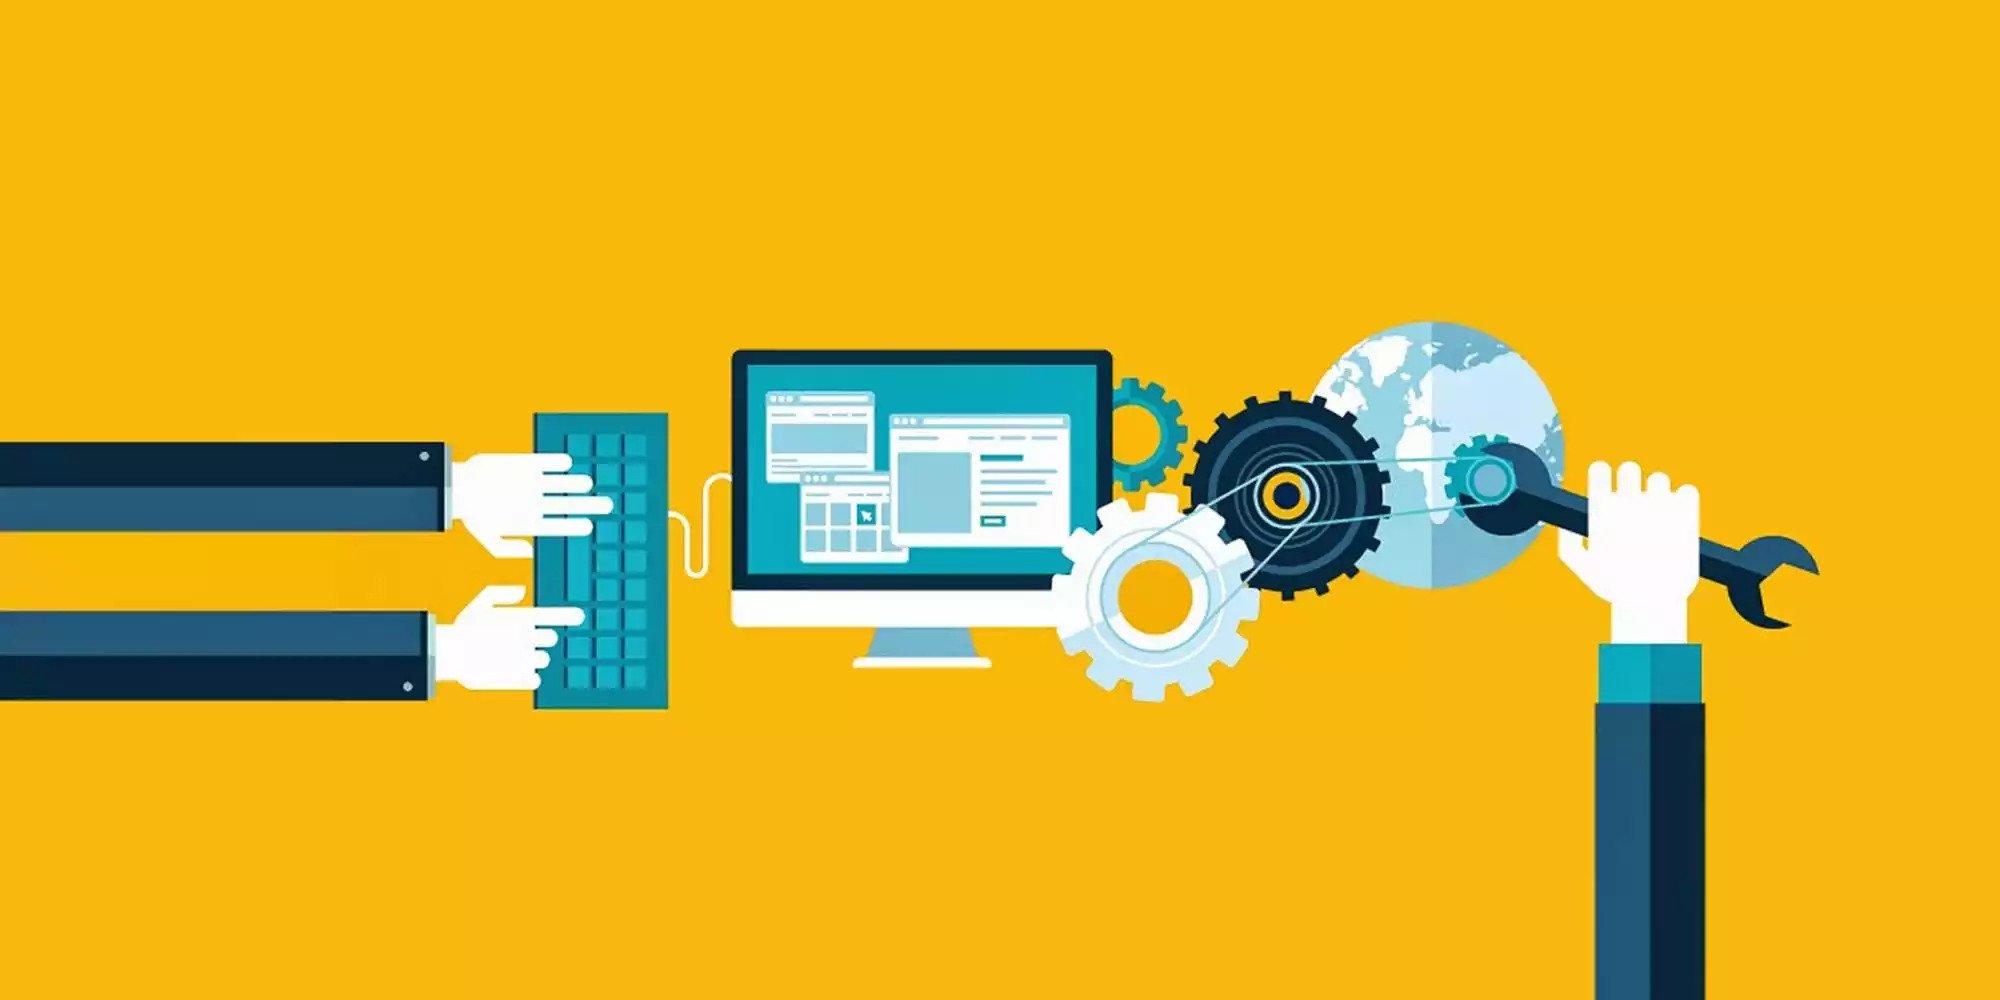 Web Sitesi | Web Tasarımı | Katalog Tasarımı | Tanıtım Filmi | MTHS Hizmeti Vermekteyiz